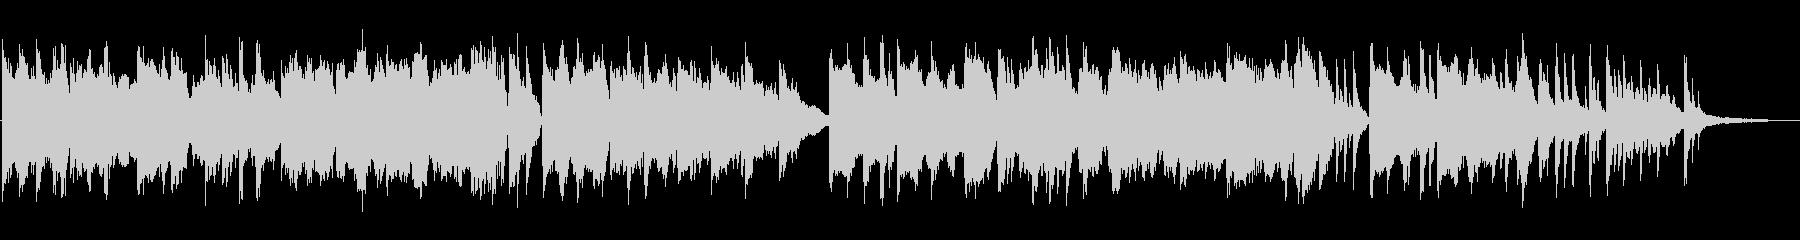 センチメンタルなピアノ+チェロ&篳篥の未再生の波形